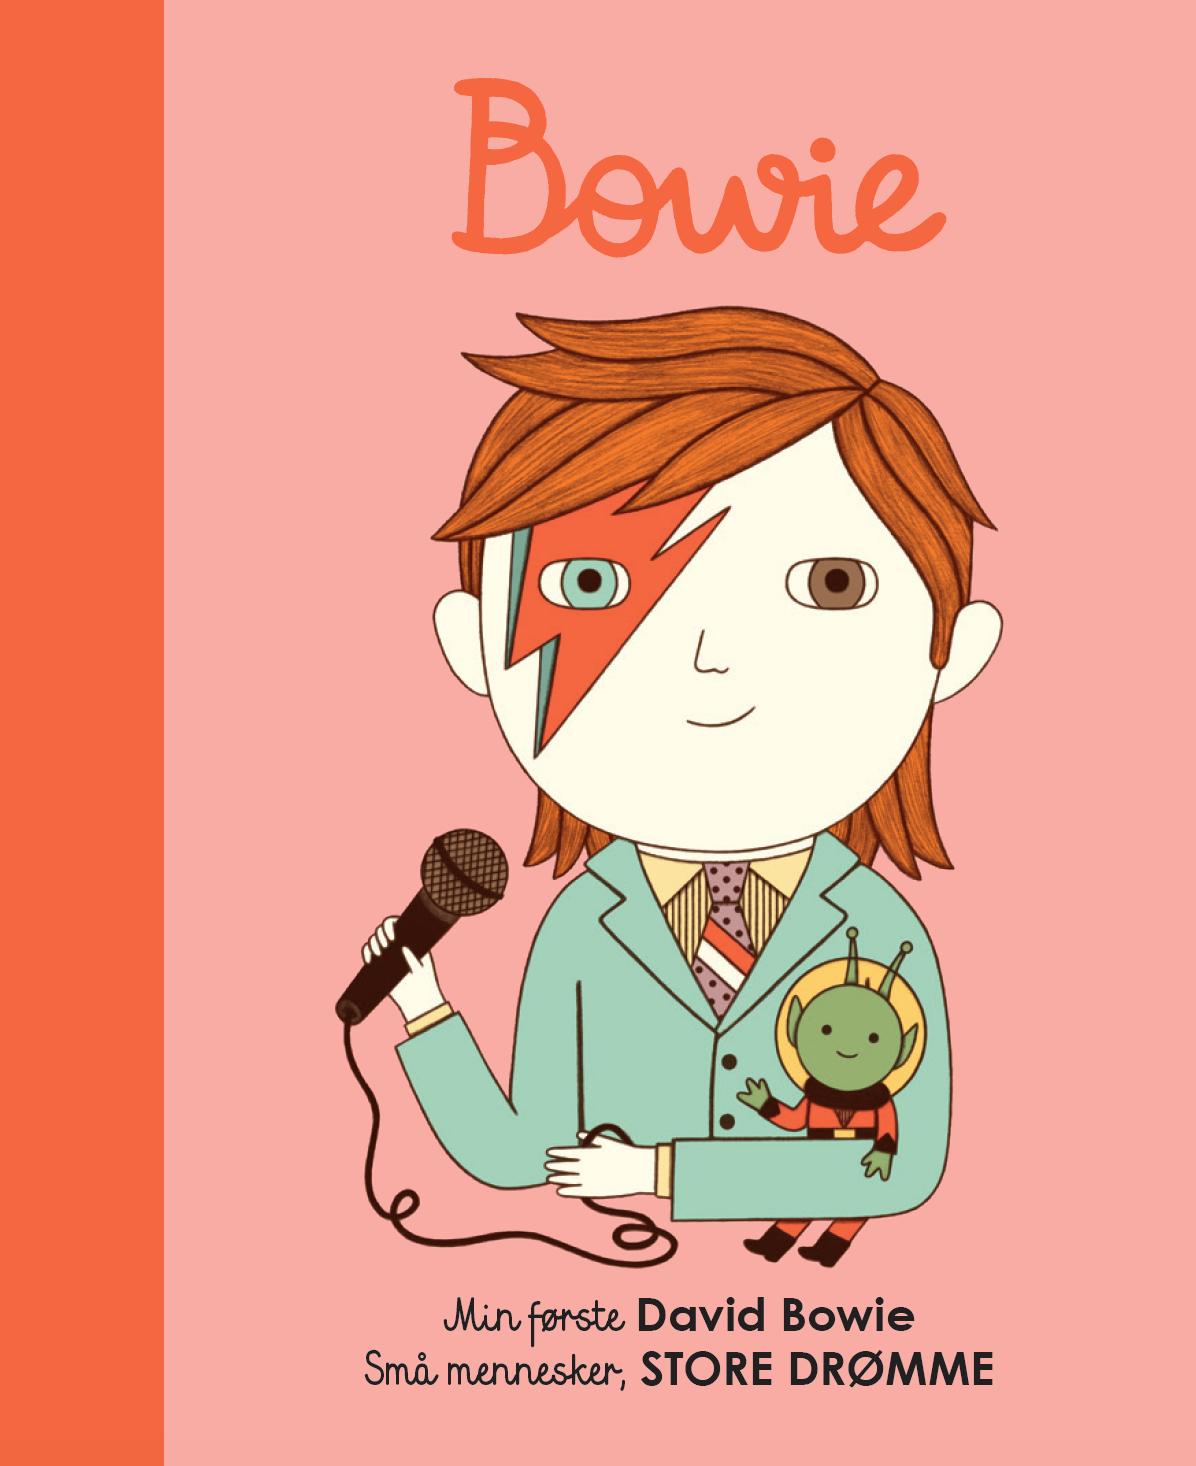 Små mennesker, store drømme: Min første David Bowie - Maria Isabel Sanchez Vegara - Bøger - Forlaget Albert - 9788793752238 - 26/5-2020